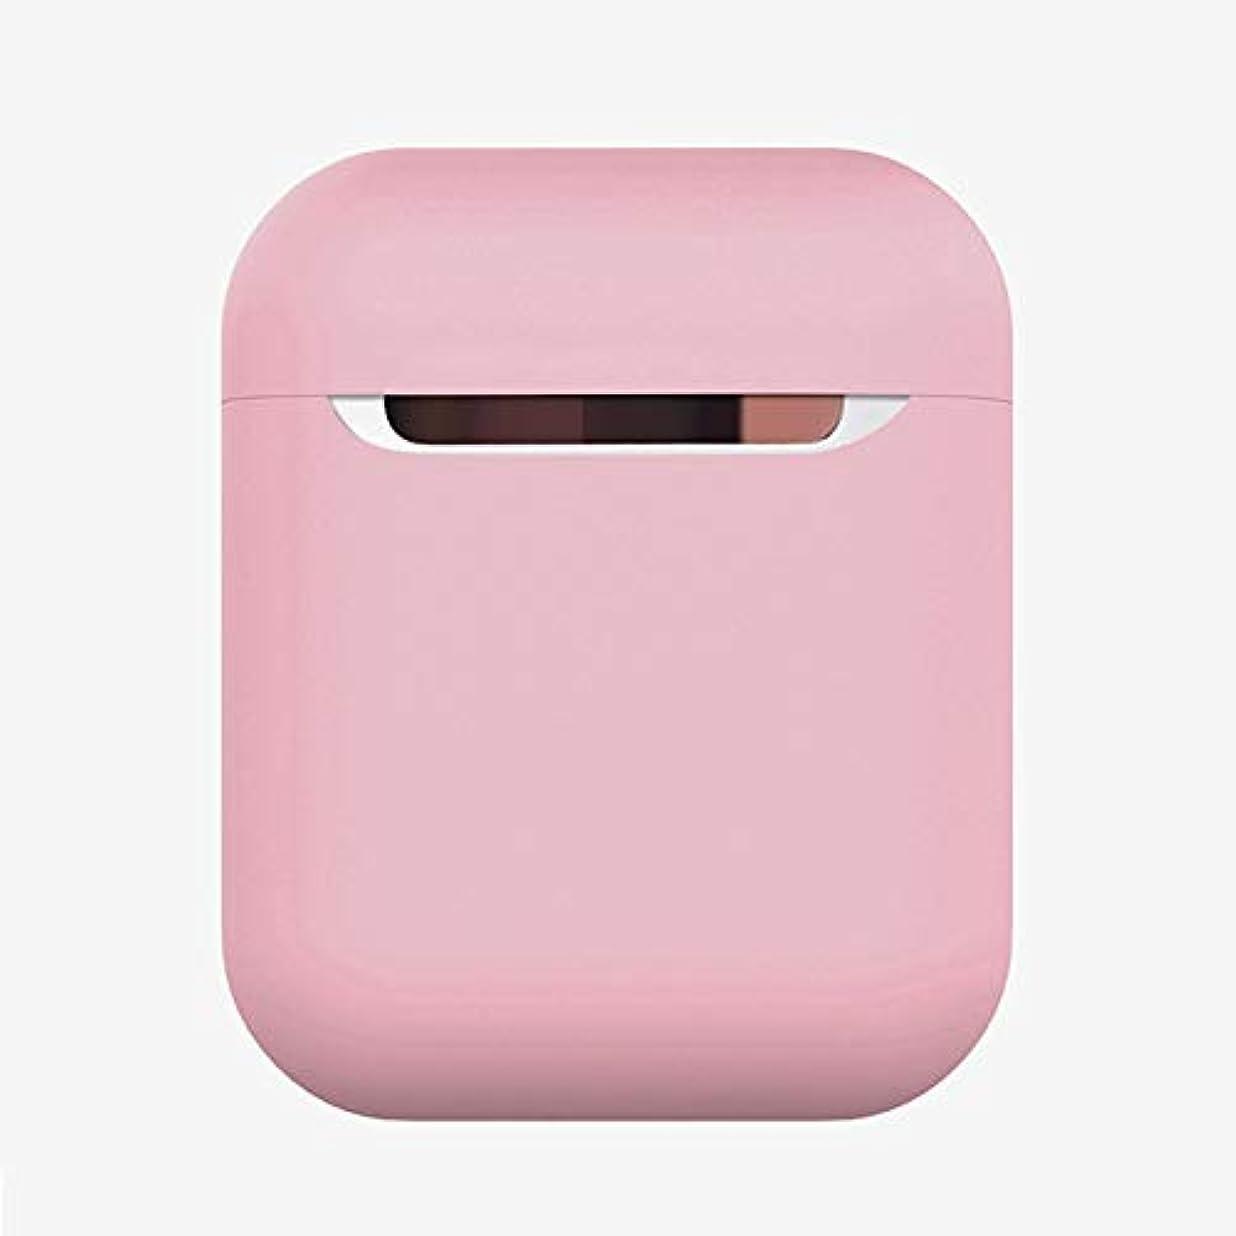 慈悲丈夫徹底的にJIANGNIJPイヤホン保護ケース Apple AirPods 2用ワイヤレスイヤホン耐衝撃性液体シリコン保護ケース (色 : ピンク)